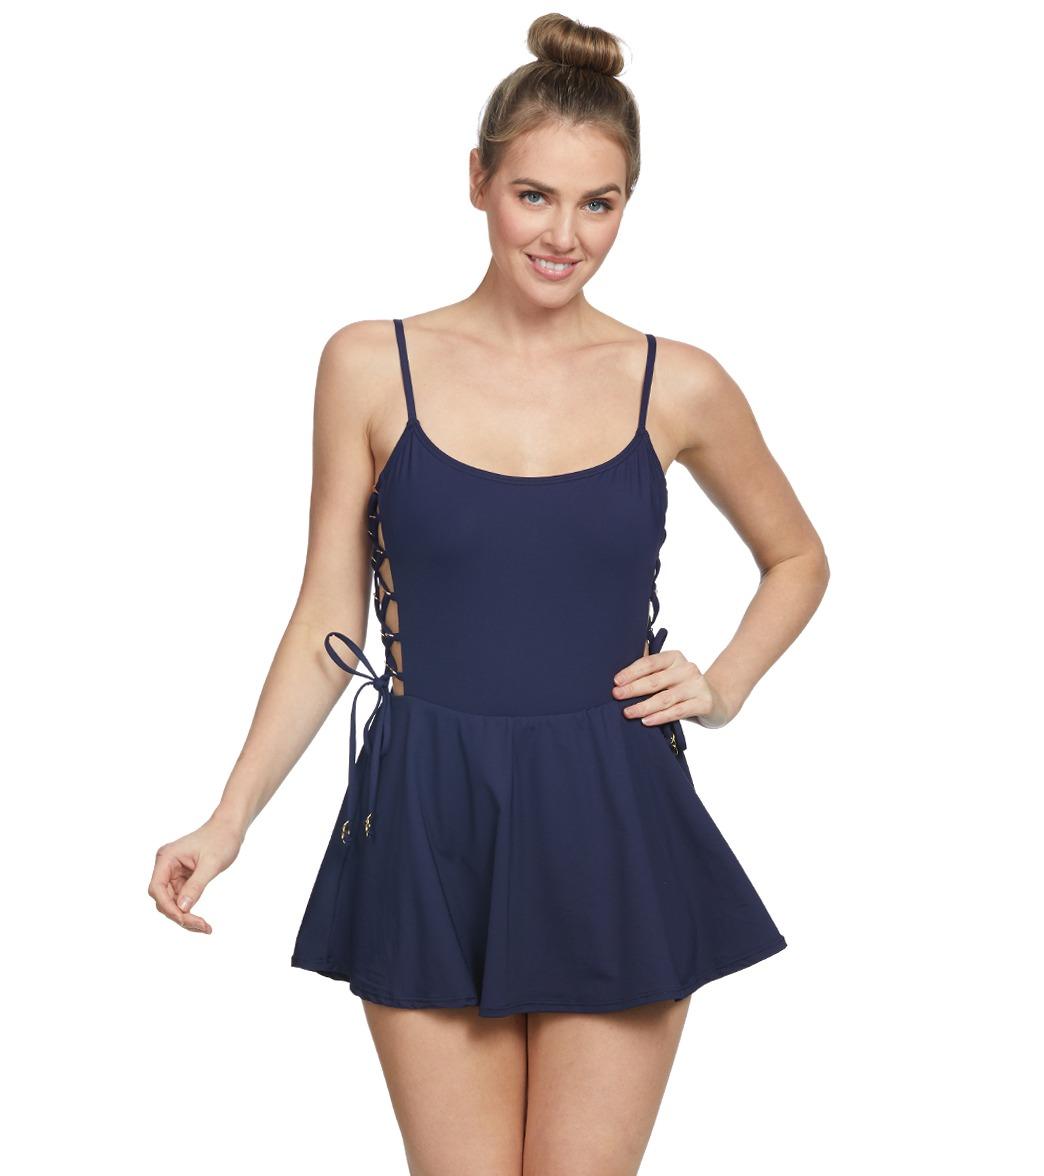 Anne Cole Solid Strappy Swim Dress